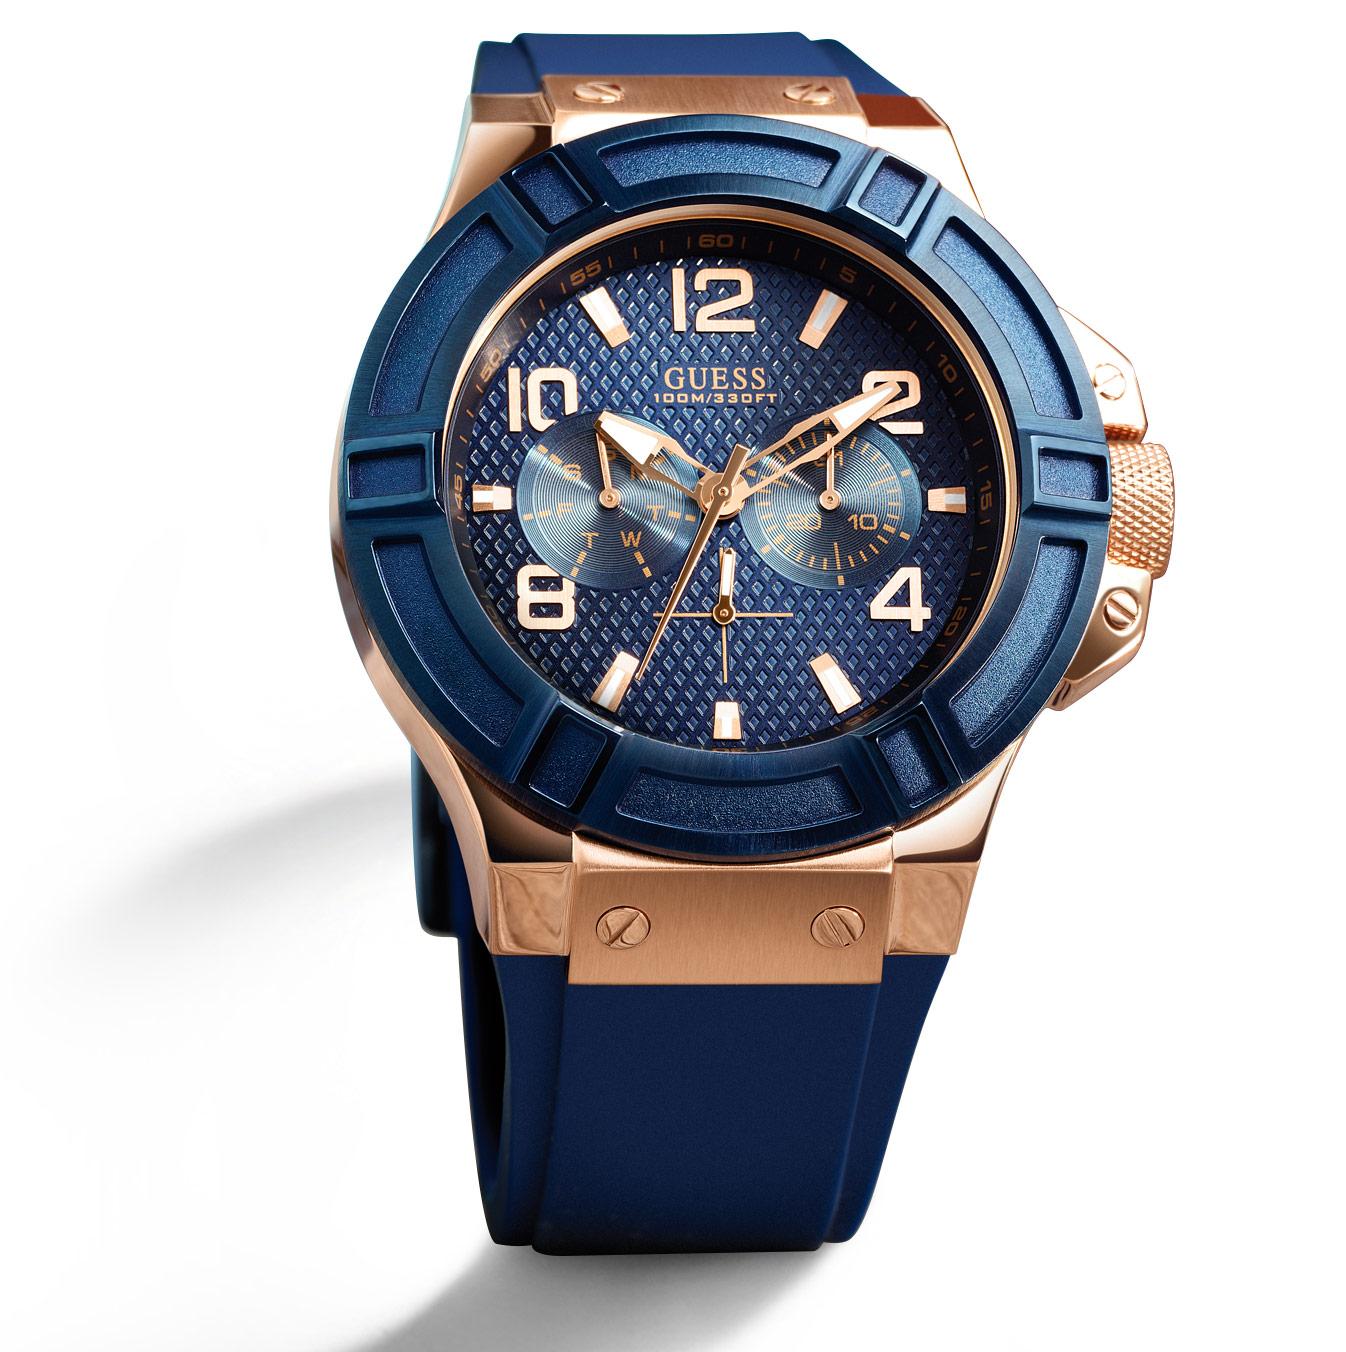 นาฬิกา Guess Men's Watch W0247G3 แบรนด์แท้